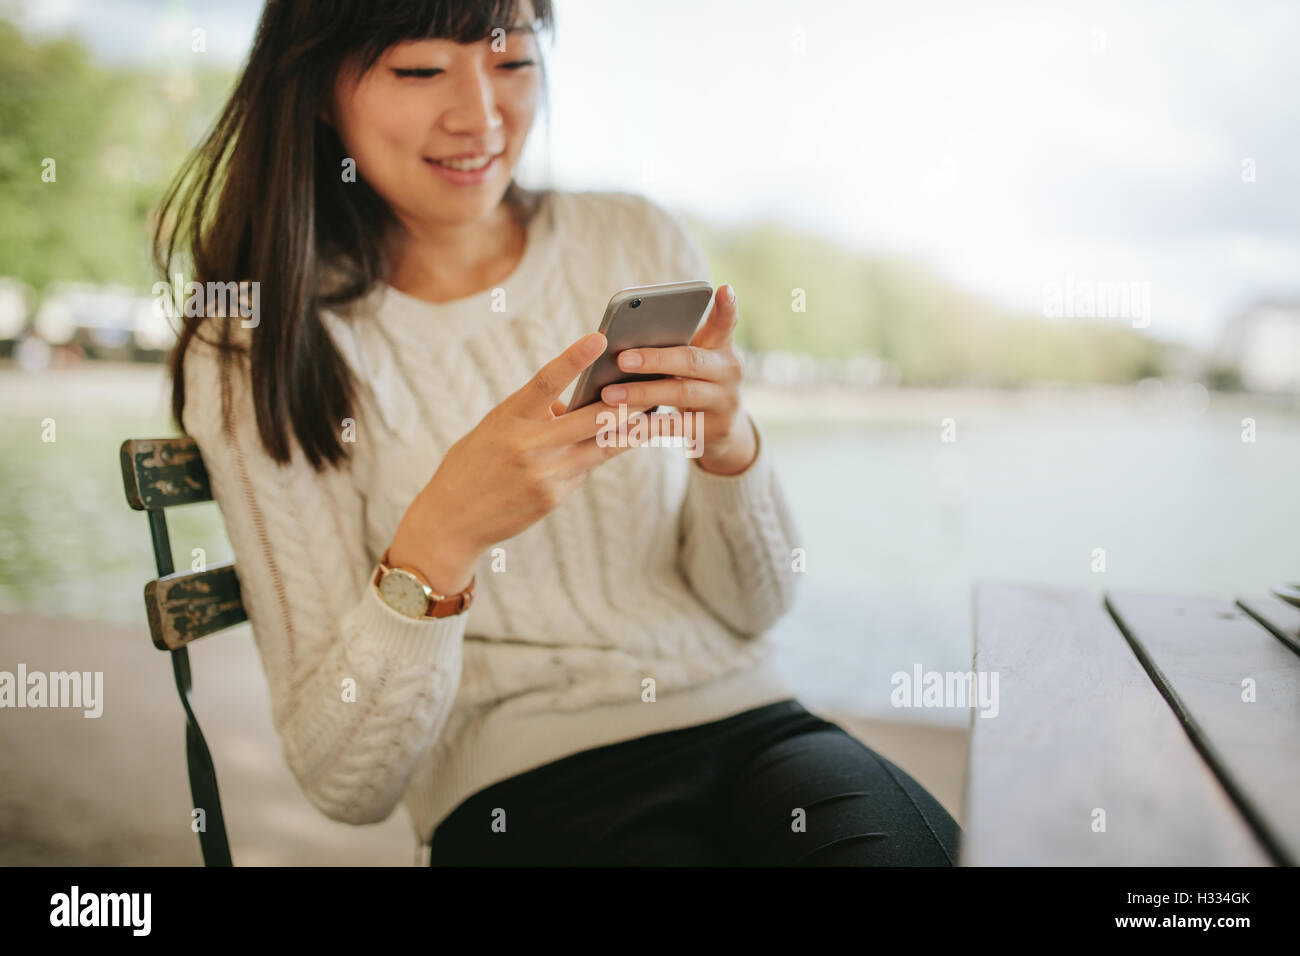 Schuss der glückliche junge Frau mit Handy in Straßencafé. Junge Frau am Tisch lesen SMS-Nachricht Stockbild